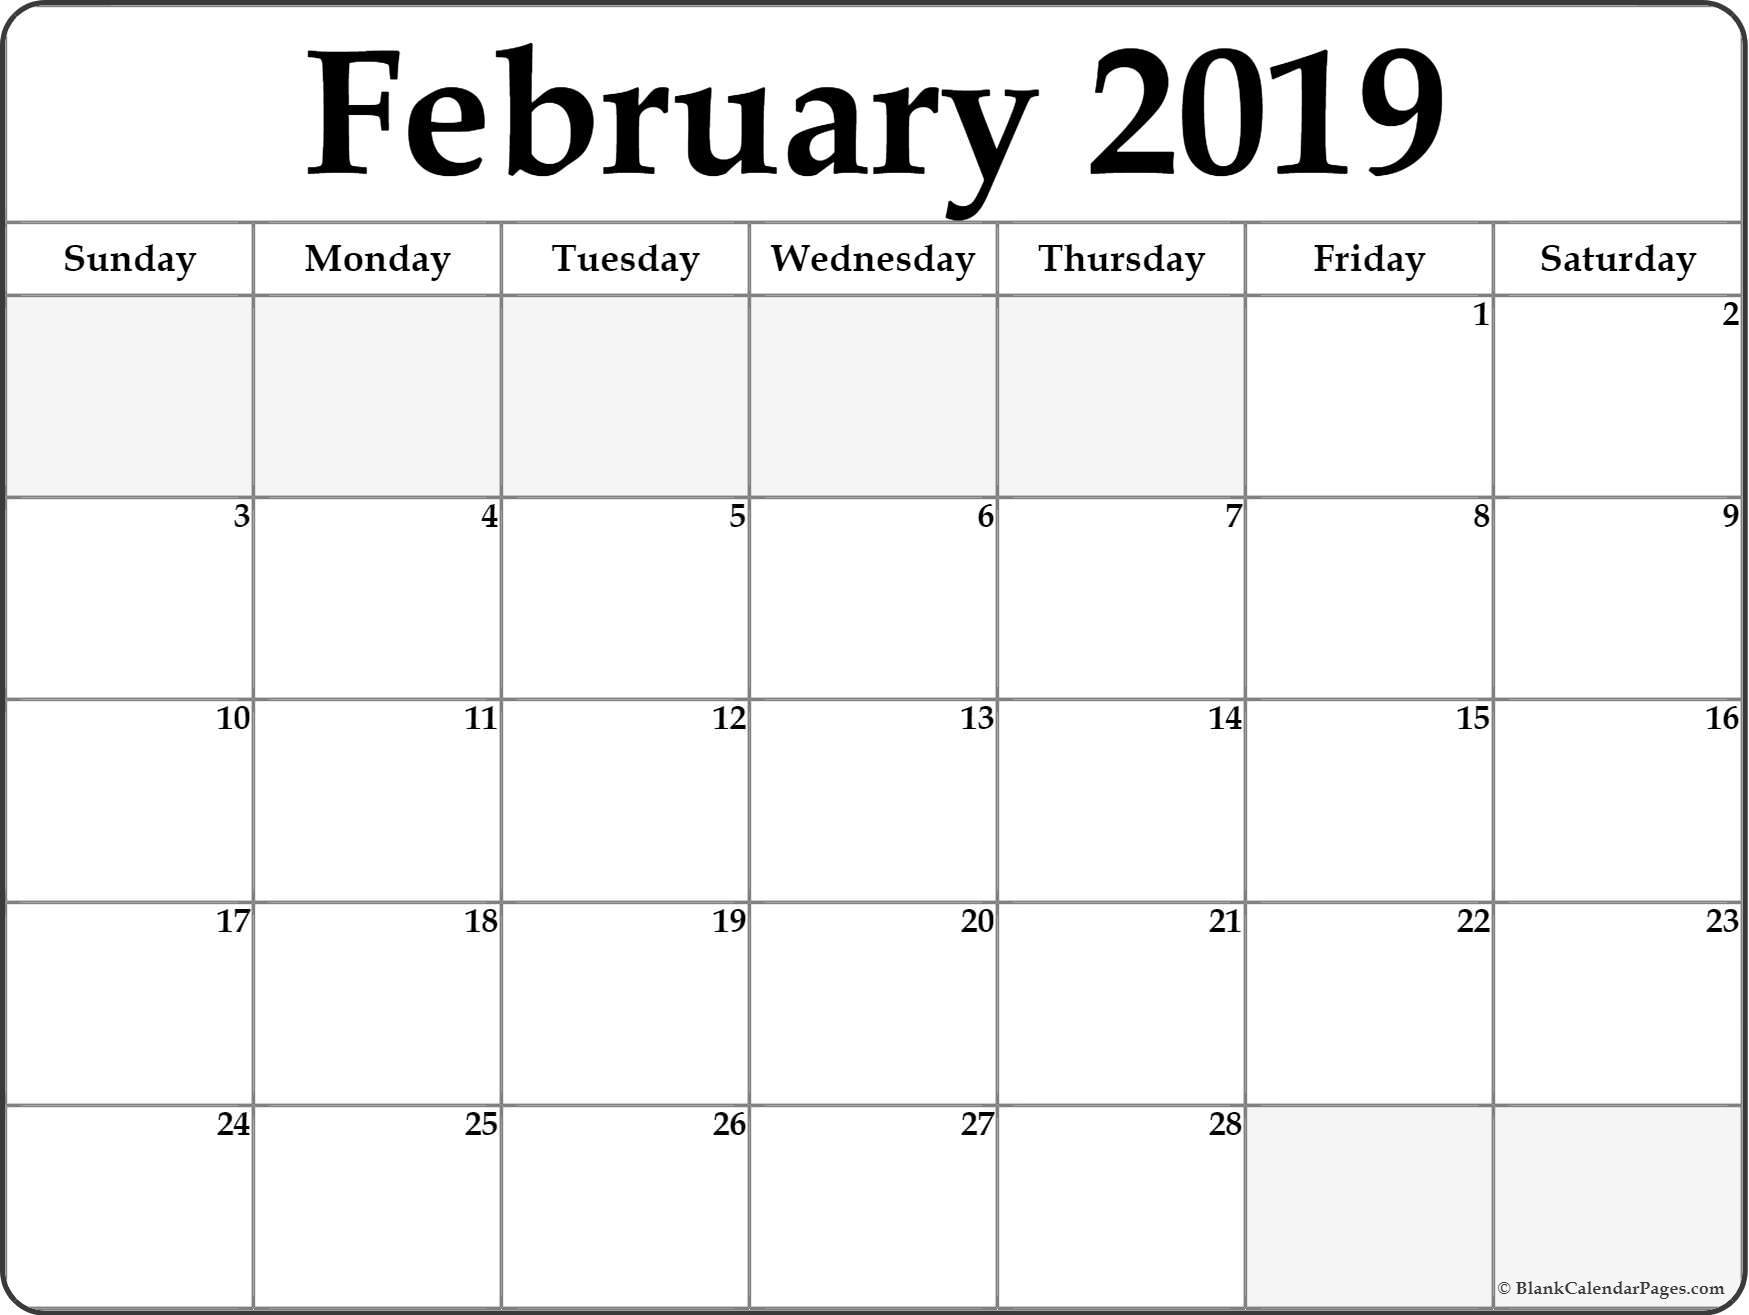 February 2019 Blank Calendar Templates.